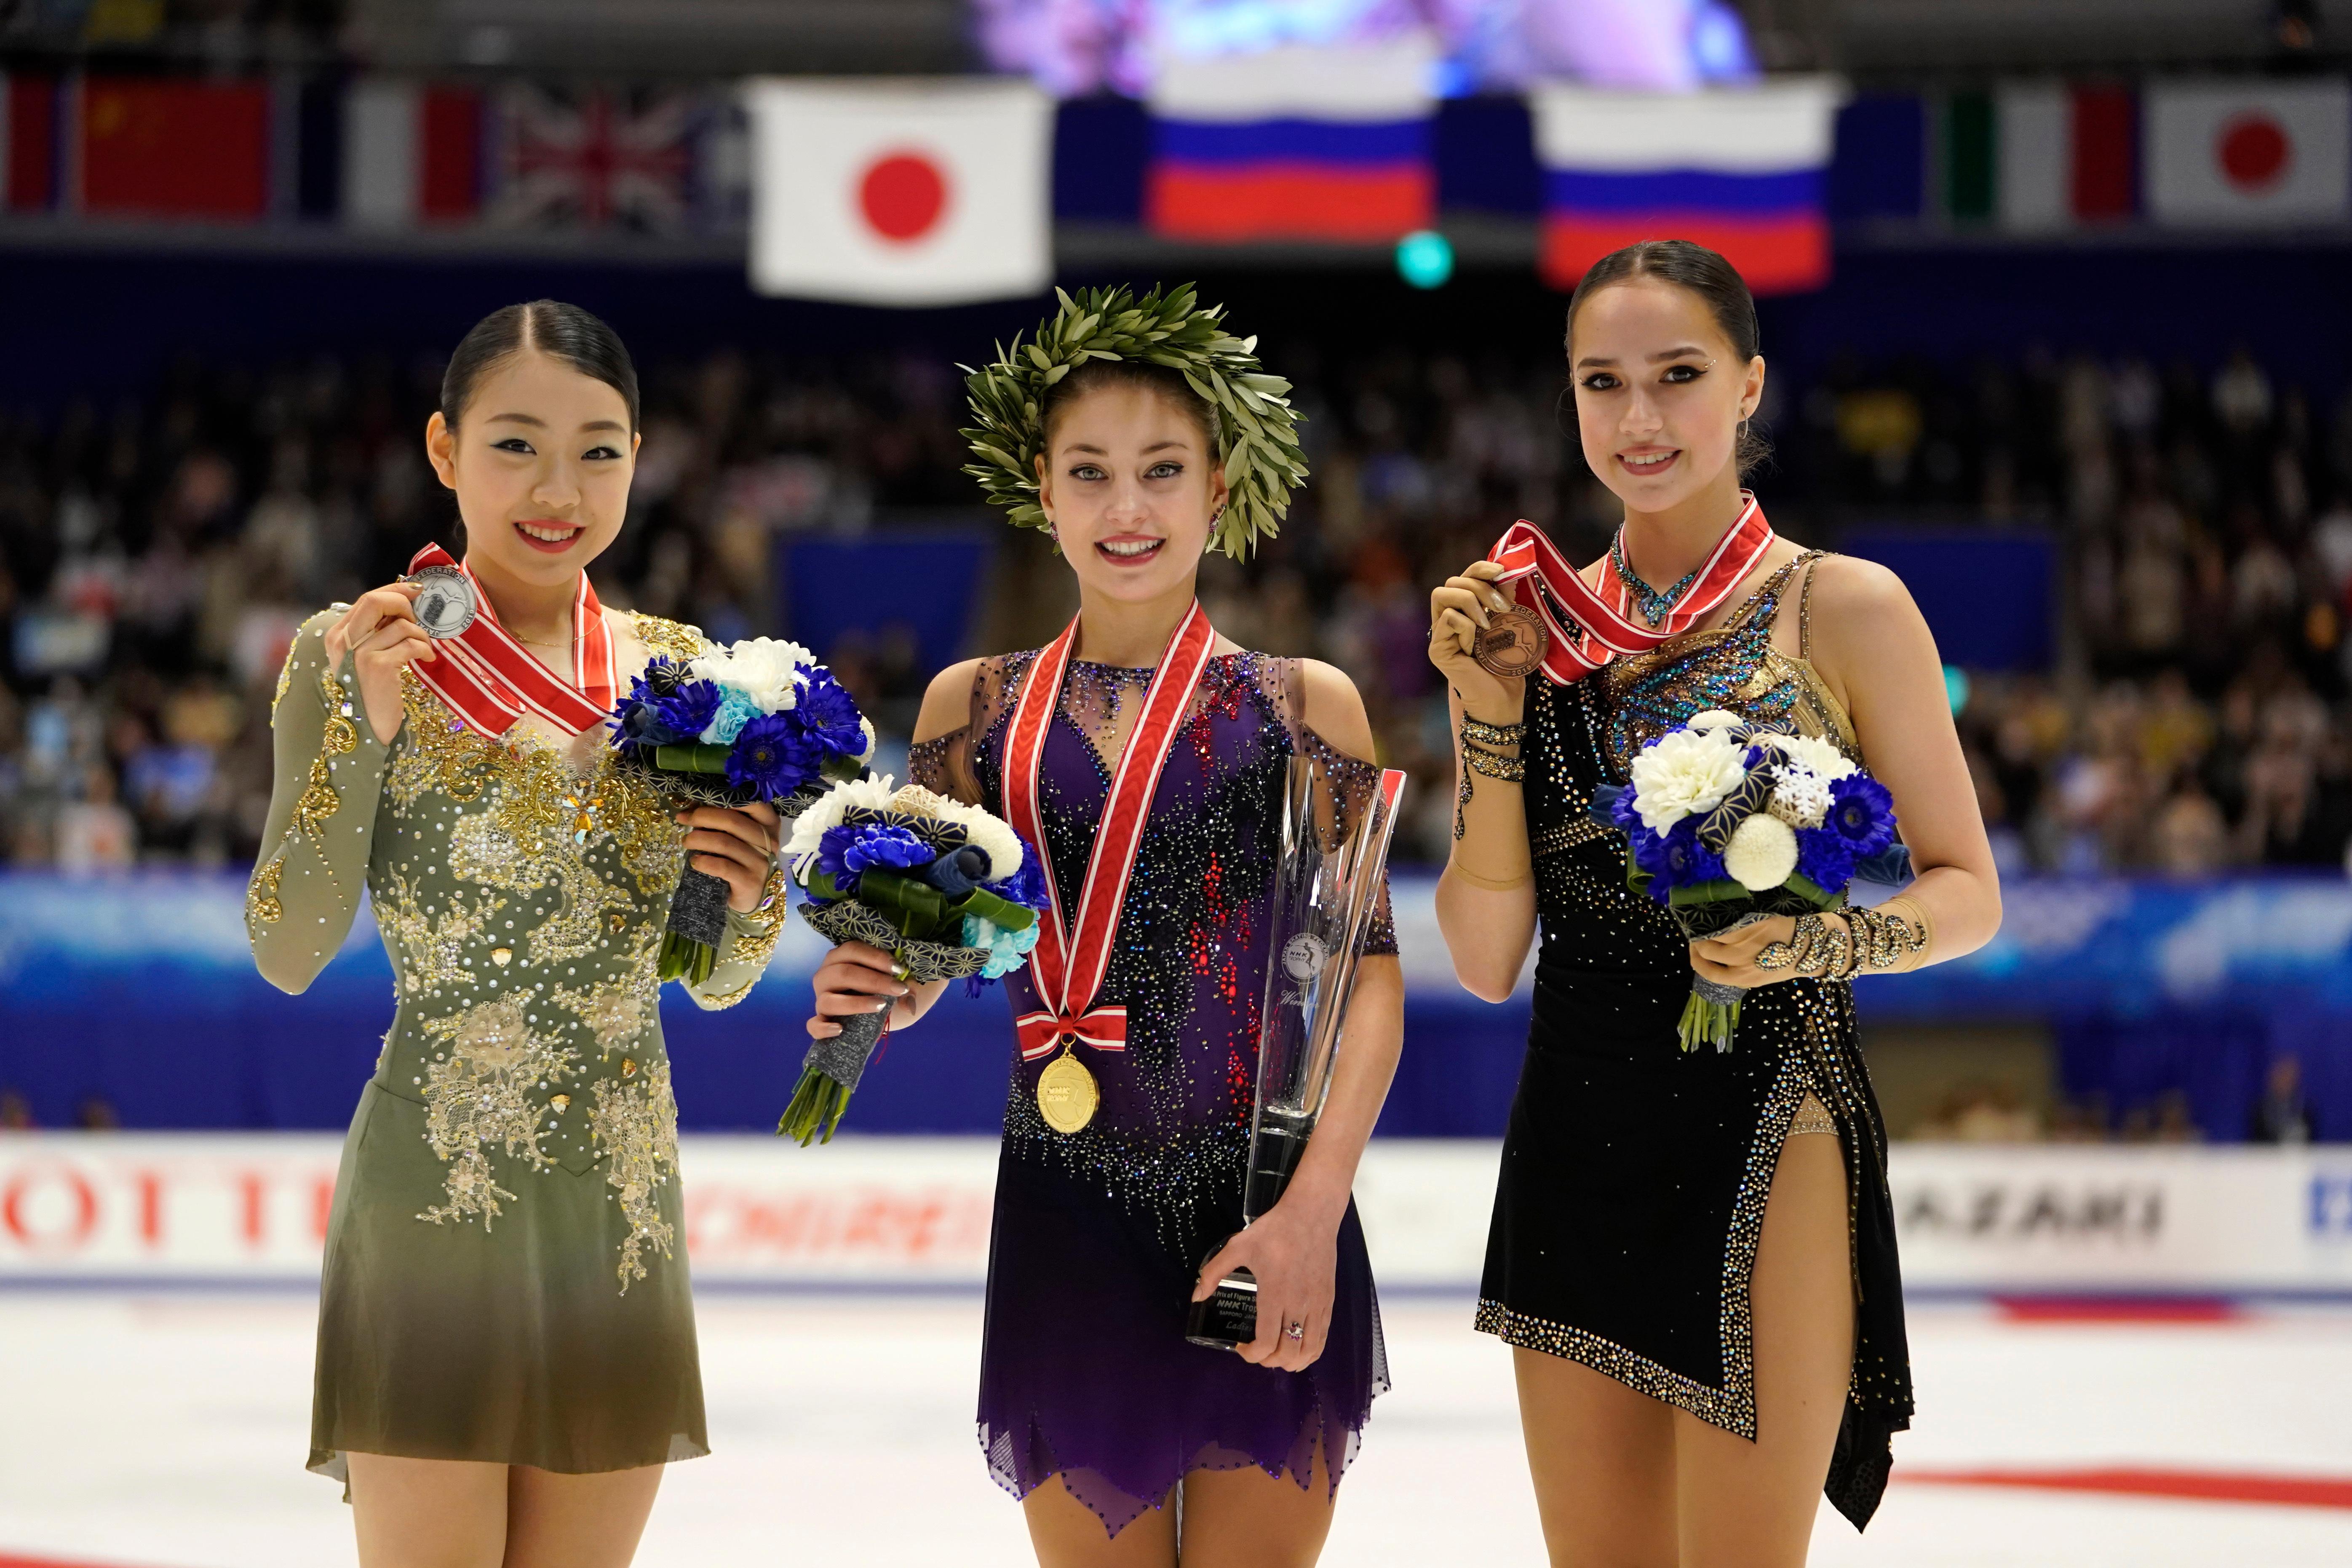 Кихира, Косторная и Загитова. Фото © AP / TASS / Toru Hanai